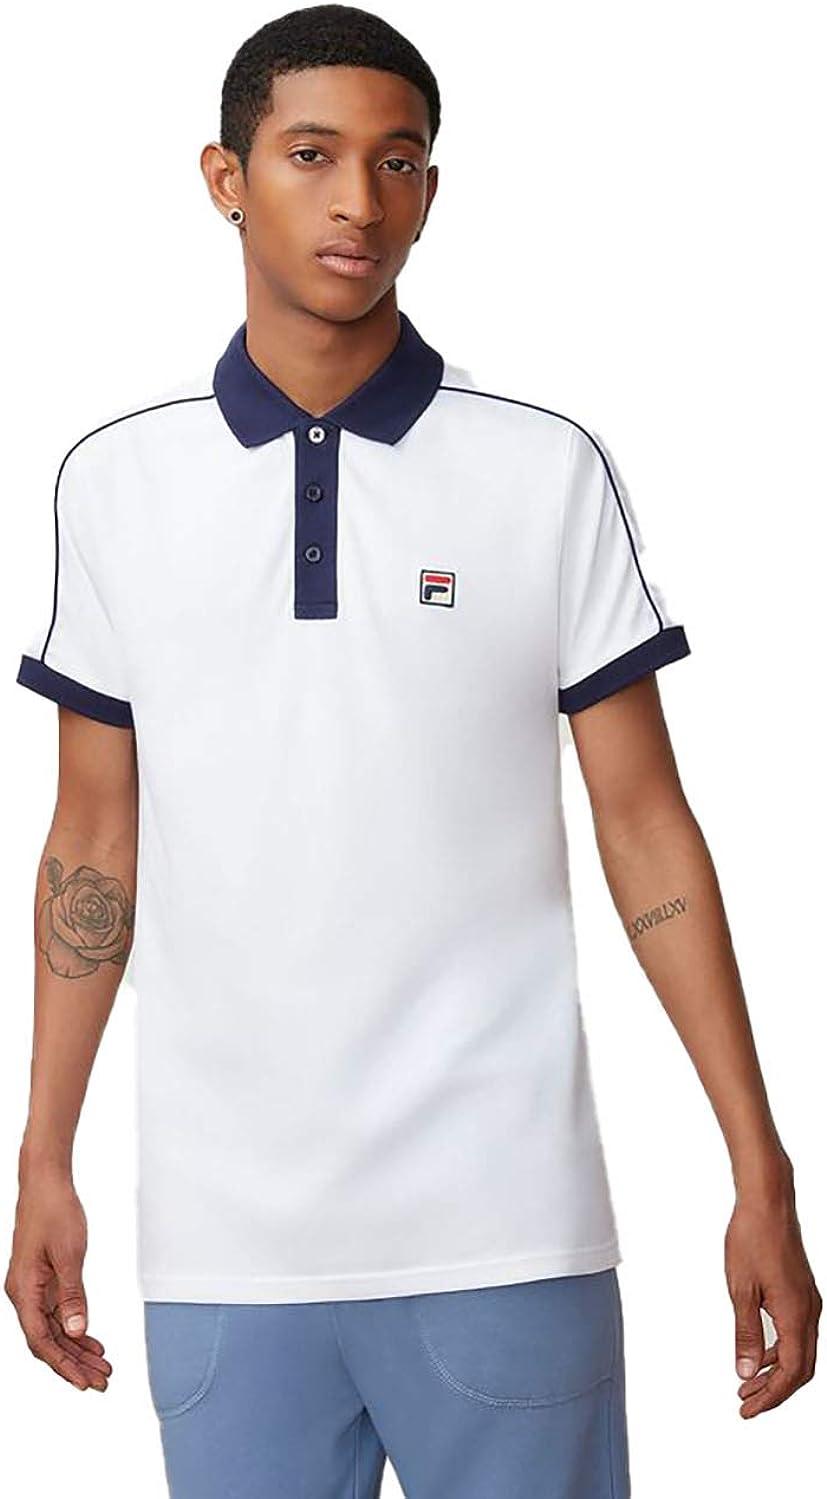 Fila Klein Polo para Hombre - Blanco - 4X-Large: Amazon.es: Ropa y ...